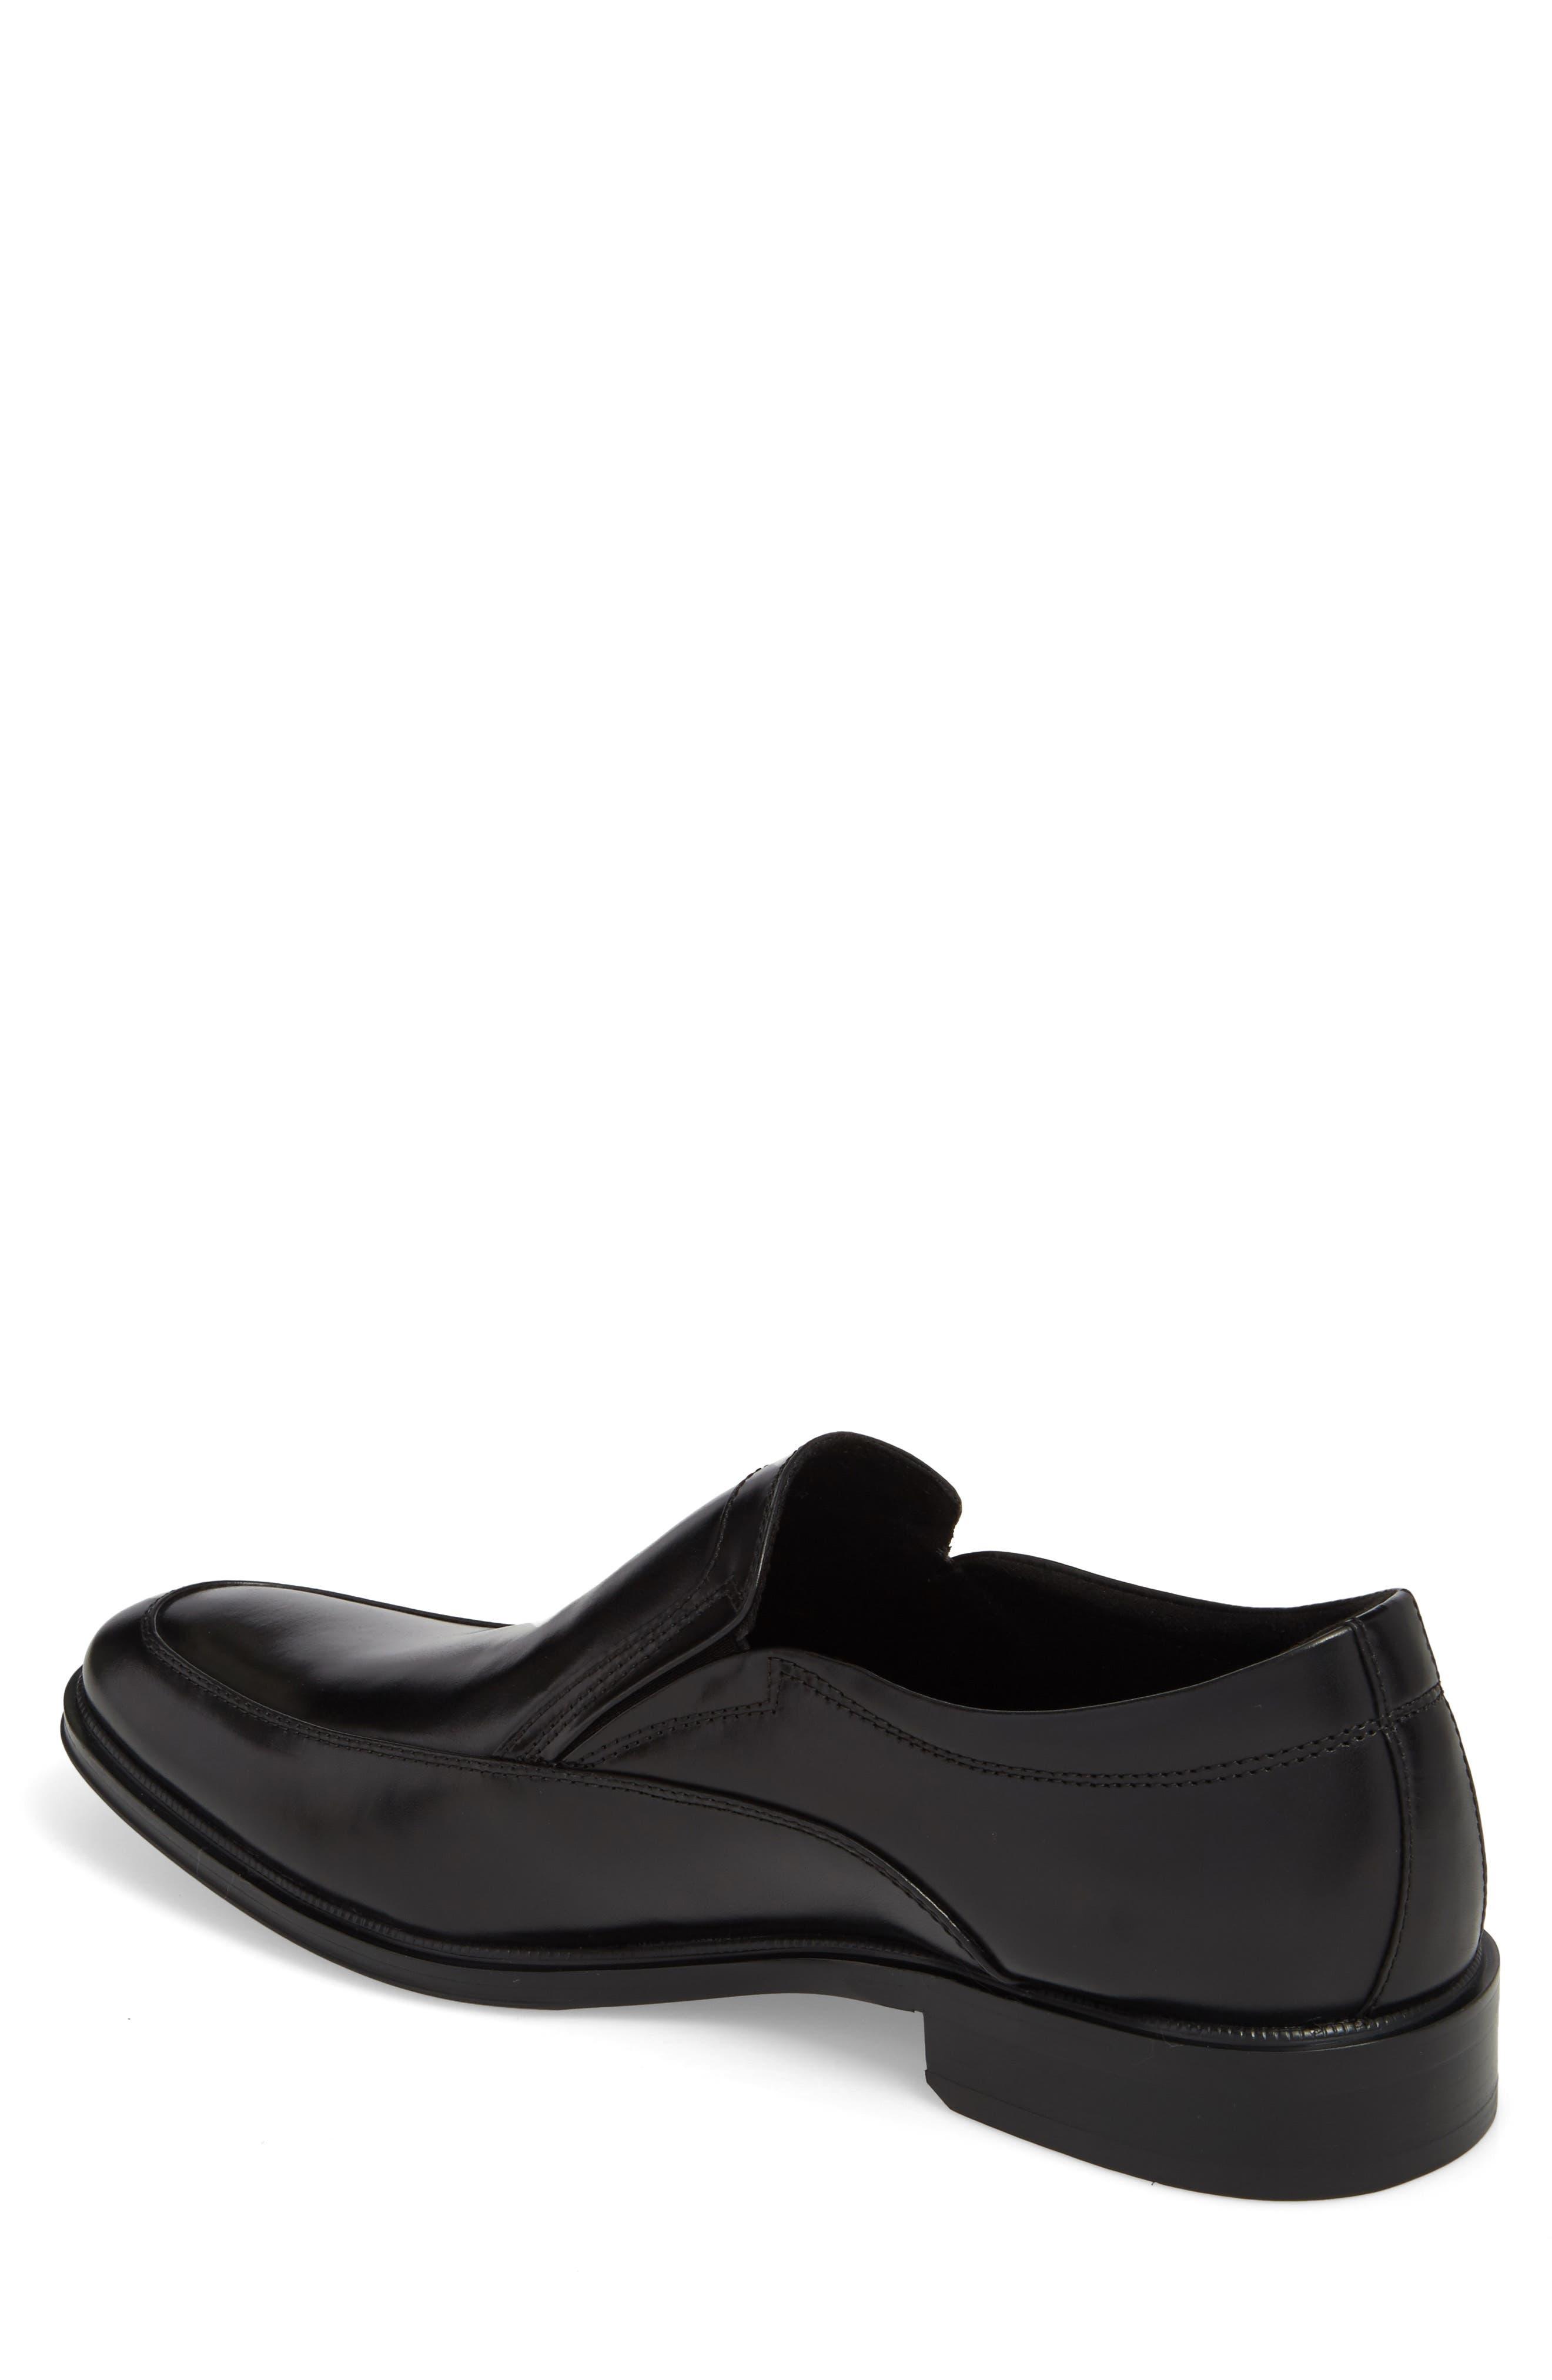 Alternate Image 2  - Kenneth Cole New York Tully Venetian Loafer (Men)